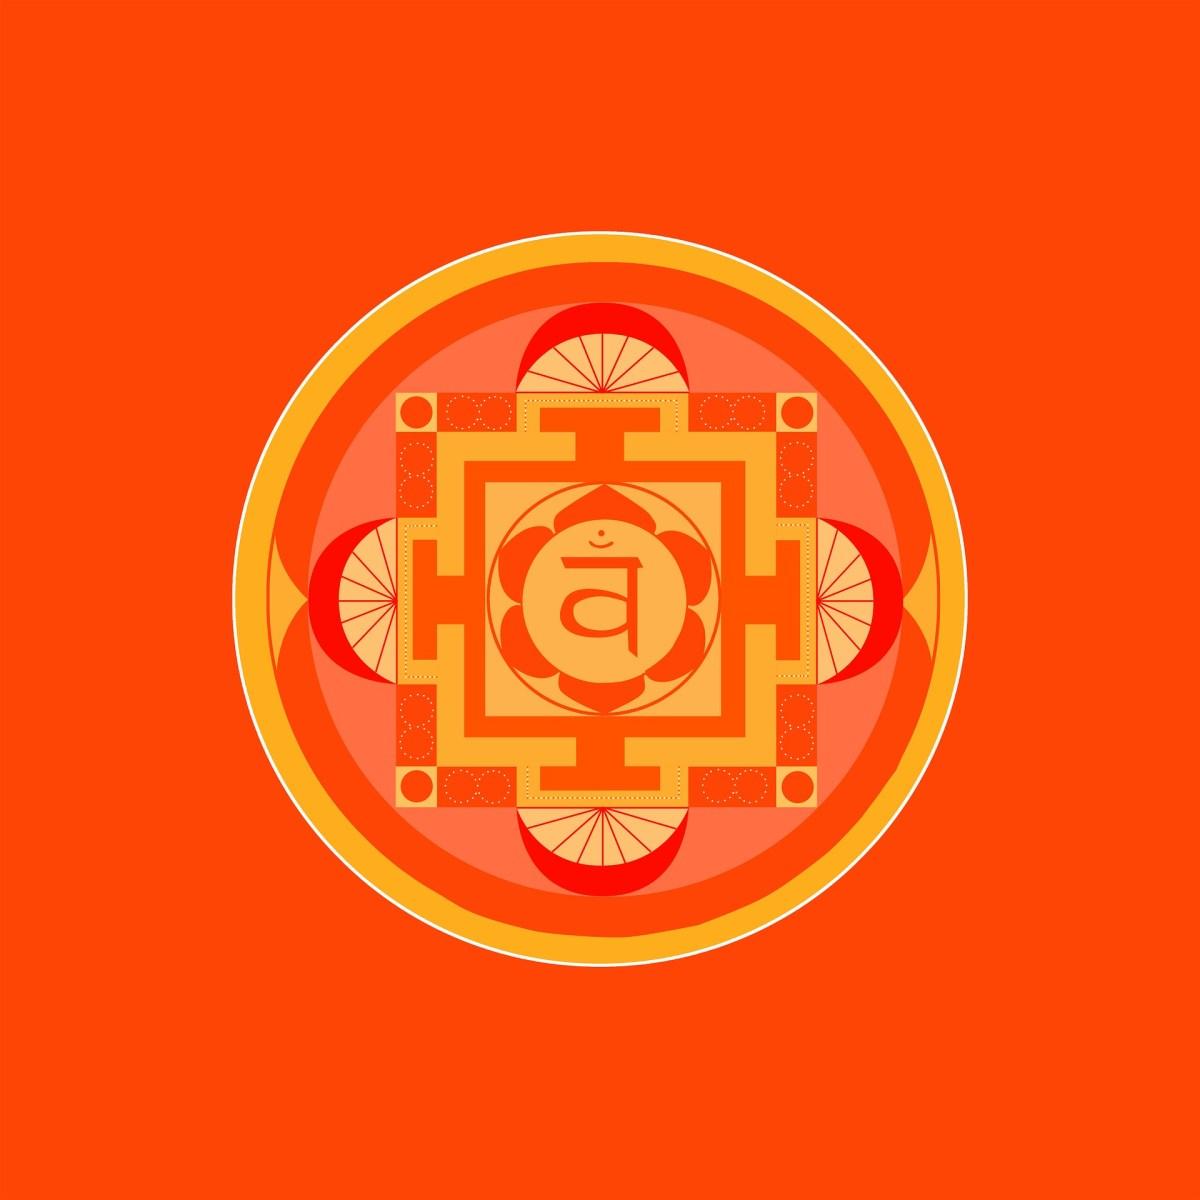 orange-1340073_1920 (1)